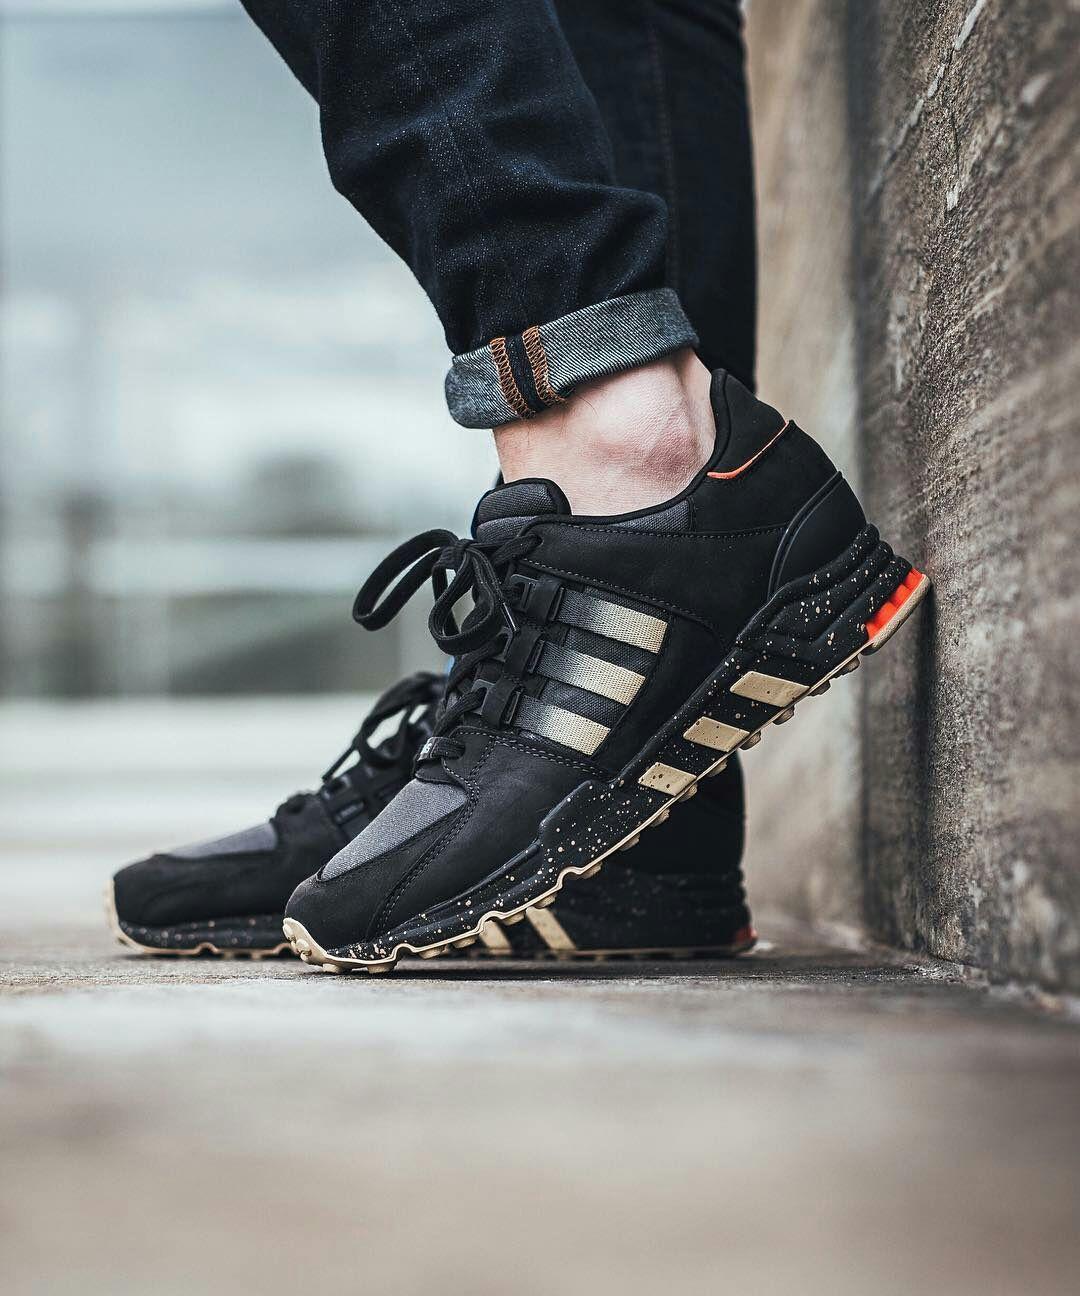 Adidas Adidas Shoes Sneaker Sneakers Kicks Sole Fashion Style Streetwear Sporty Sportswear Menswear Me Sneakers Trendy Sneakers All Black Sneakers